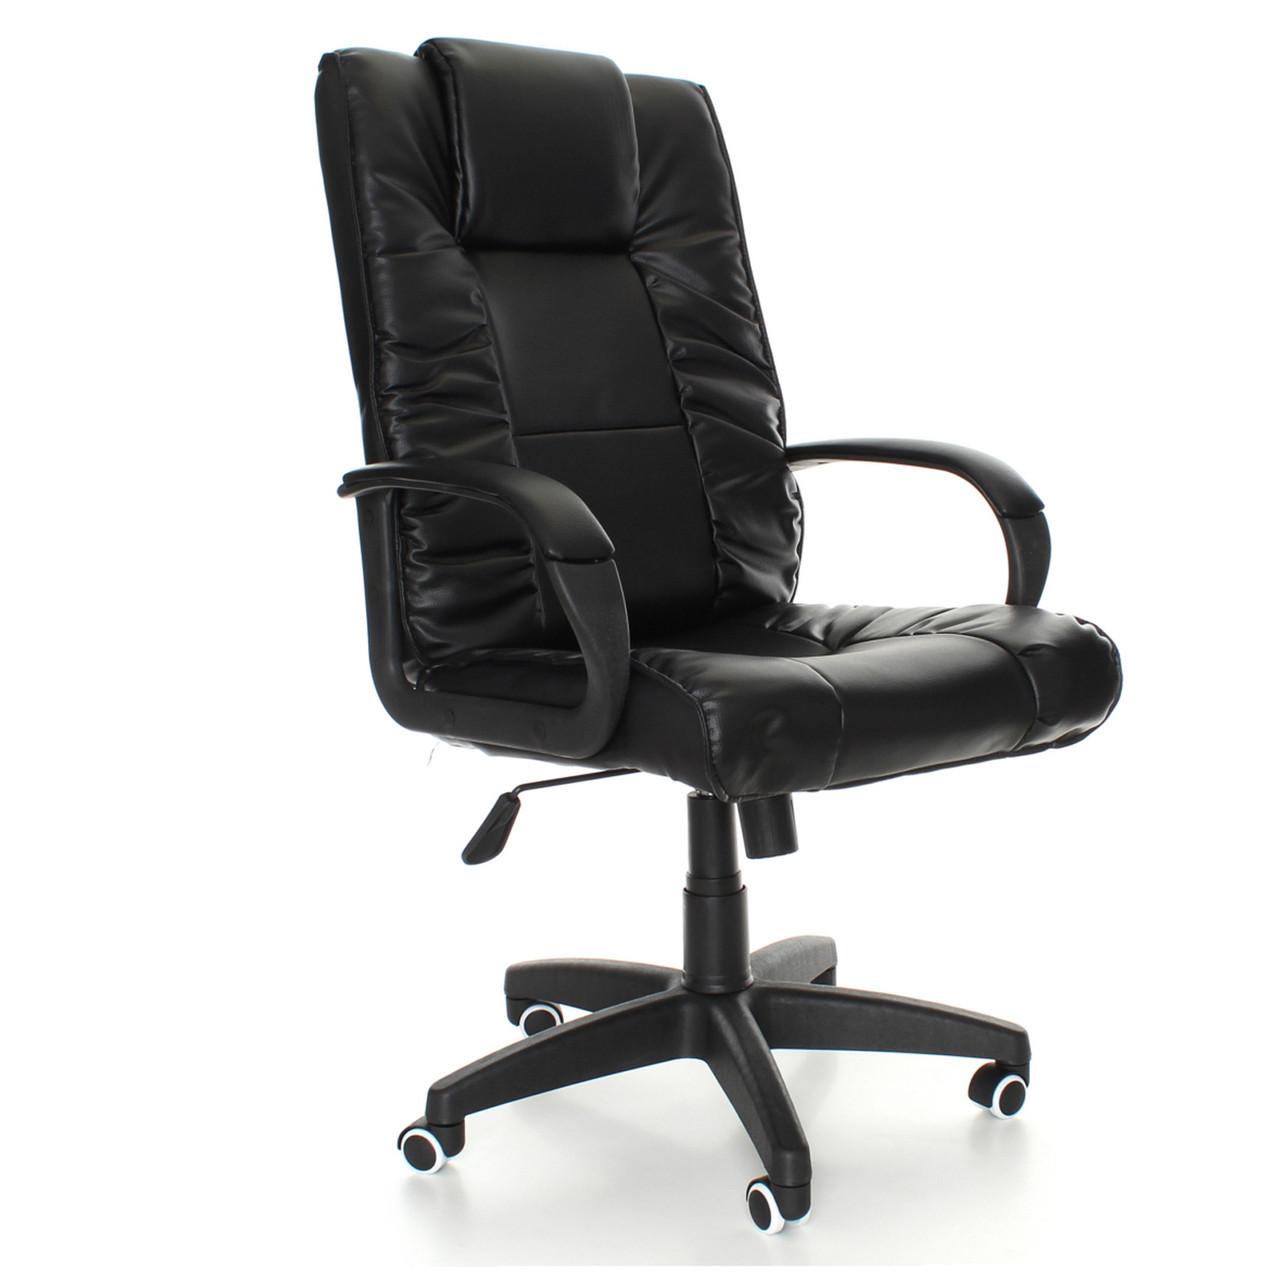 Кресло офисное NEO8018. Черное и коричневое.